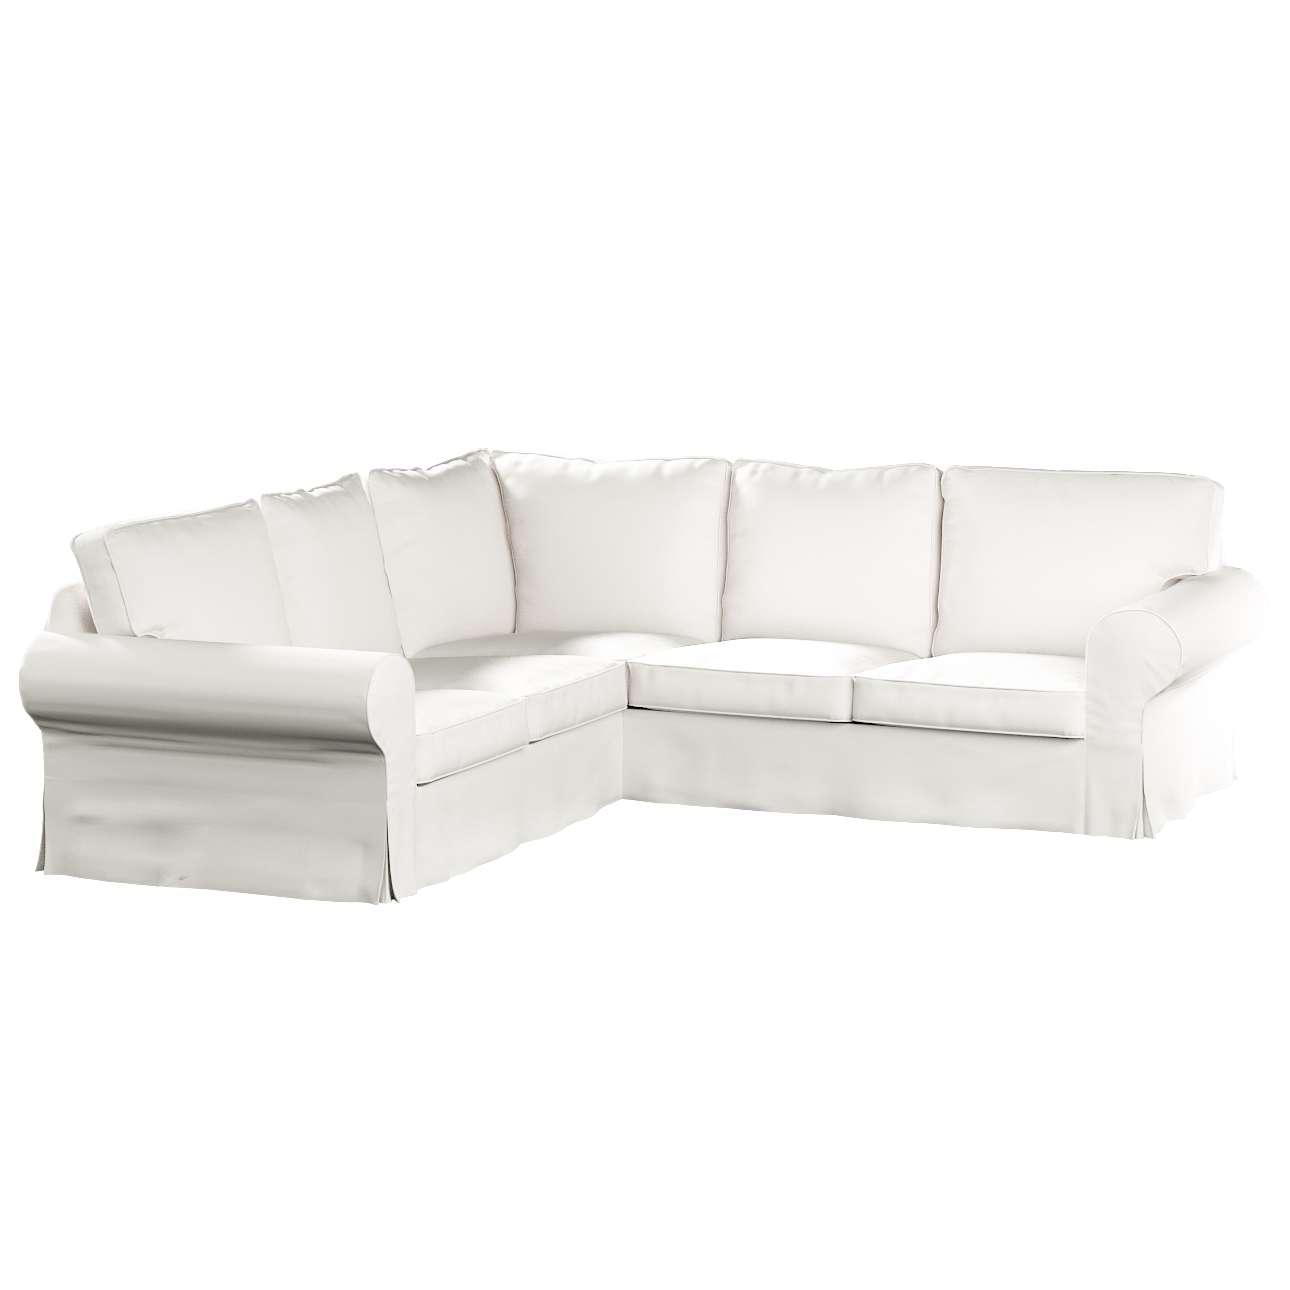 Pokrowiec Ektorp na sofę Sofa Ektorp narożna w kolekcji Cotton Panama, tkanina: 702-34